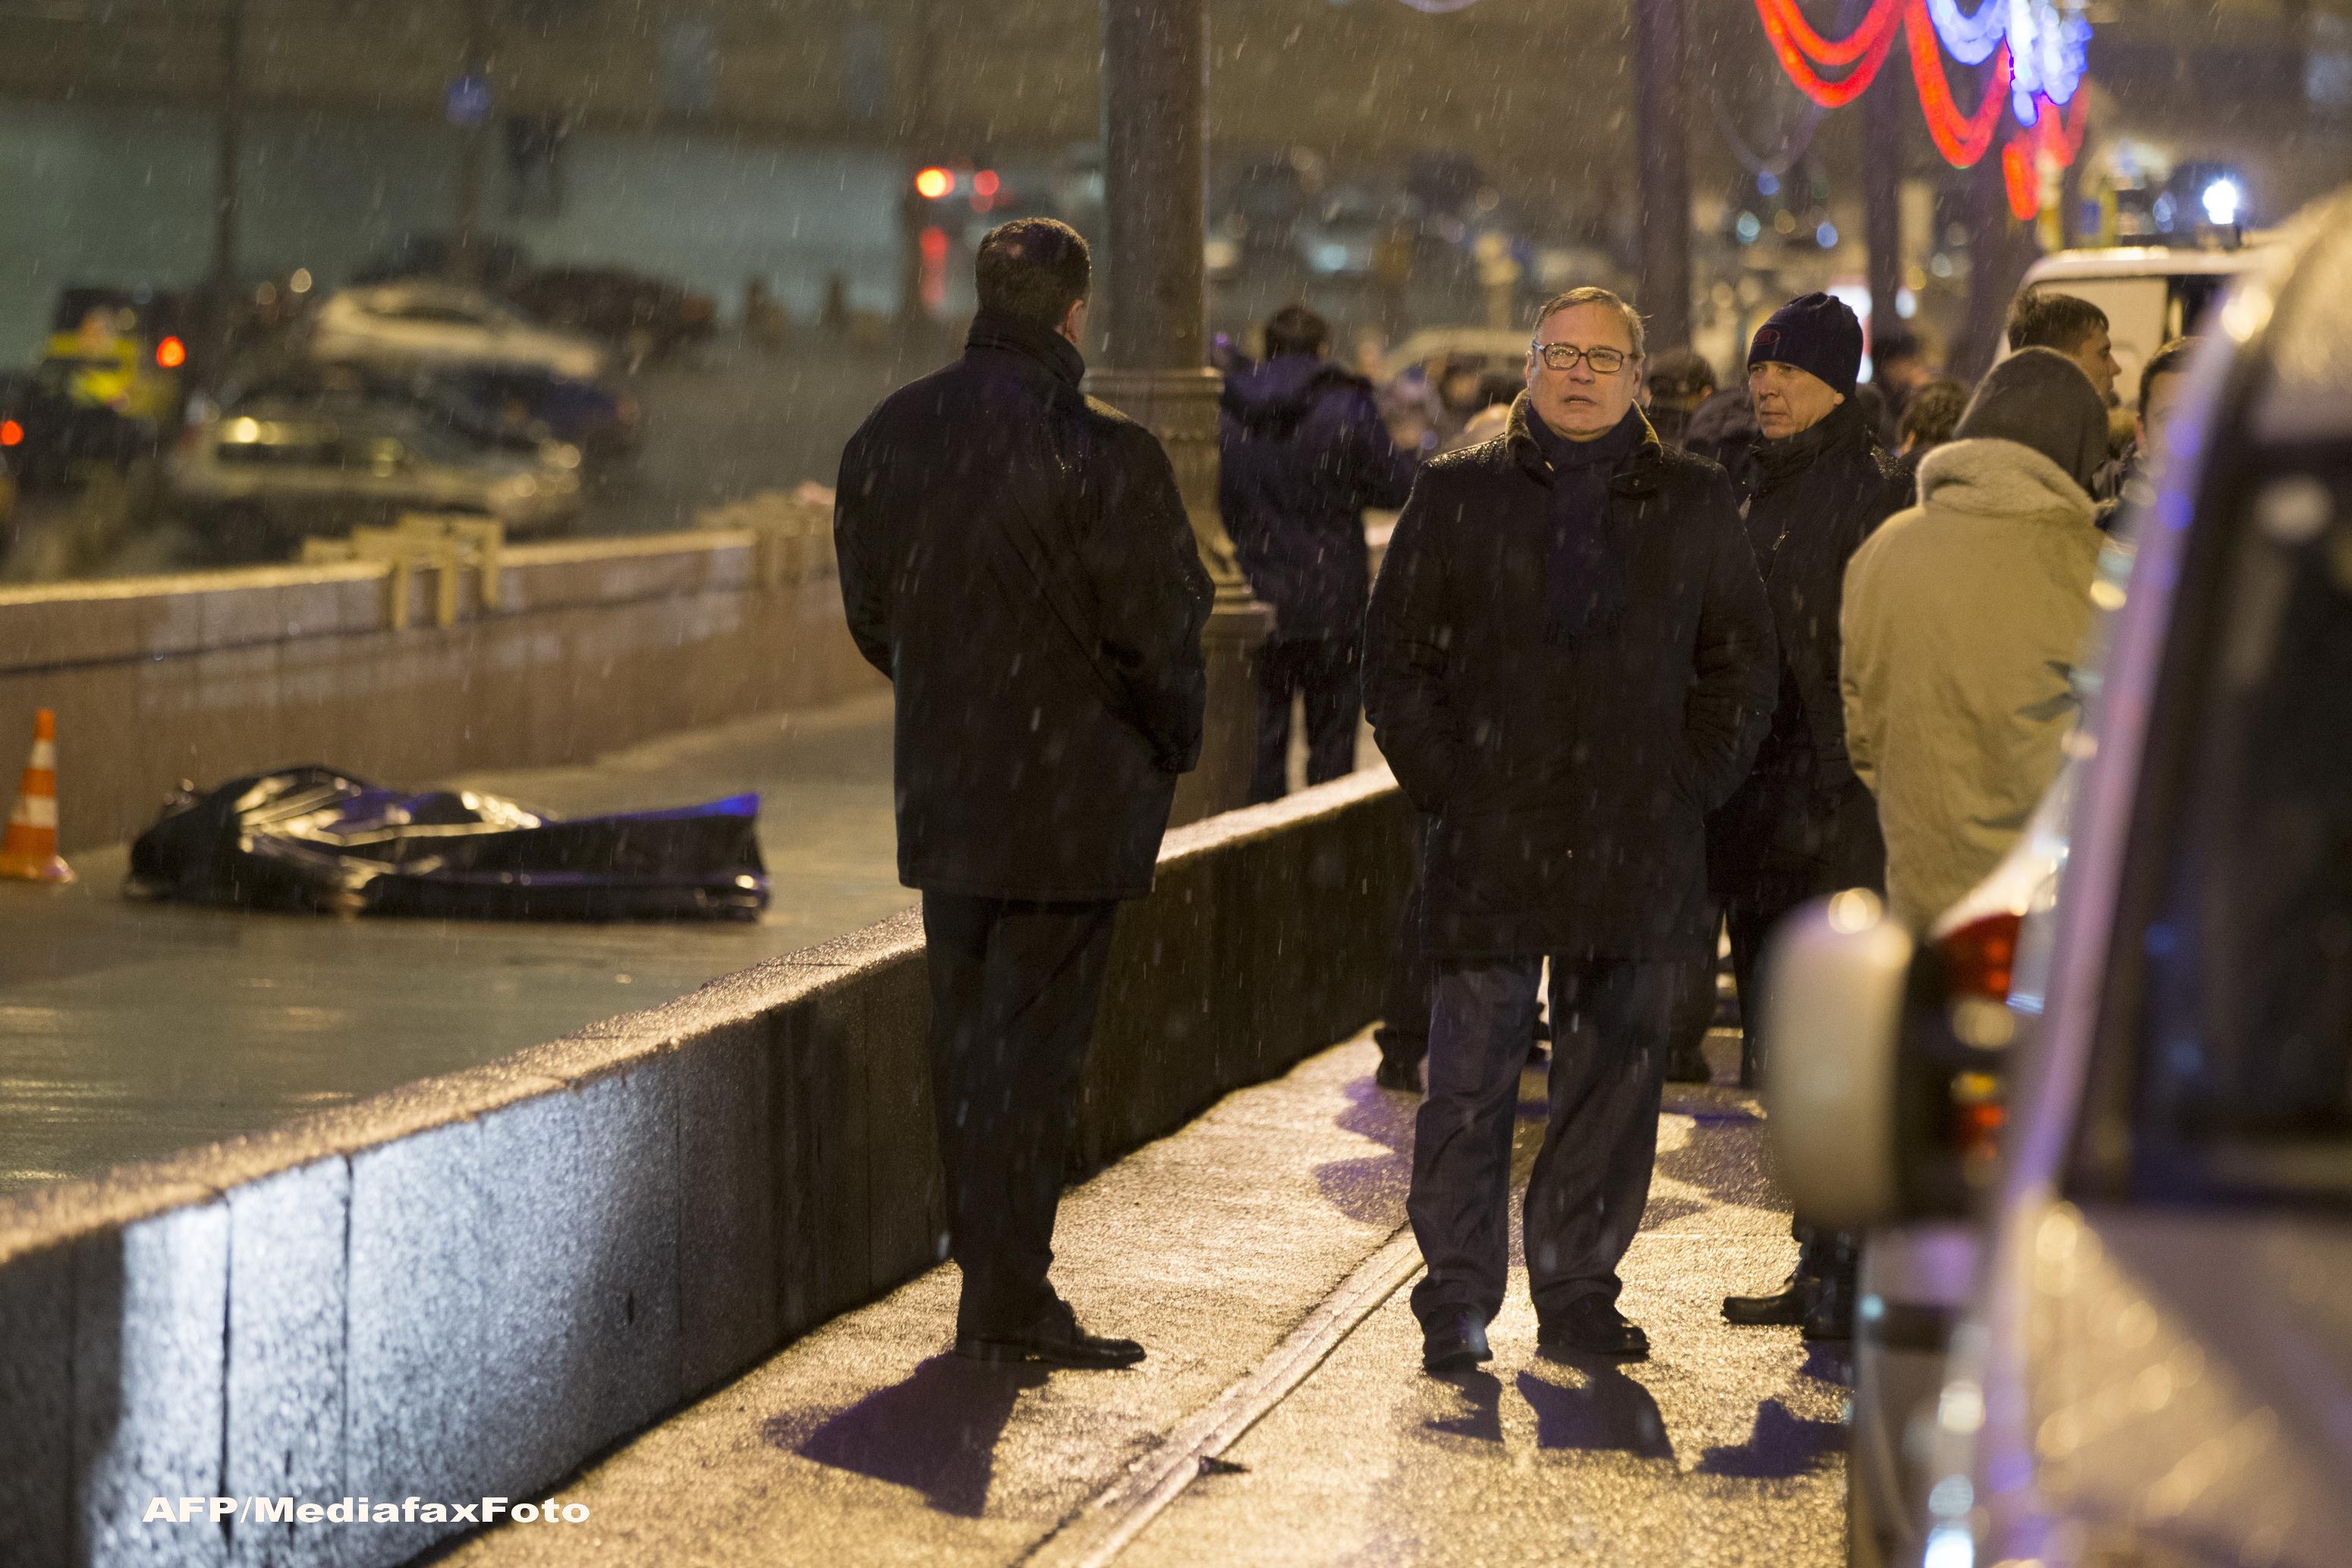 Boris Nemtov, cel mai mare adversar al lui Putin, a fost asasinat. Care sunt ipotezele analizate de anchetatori